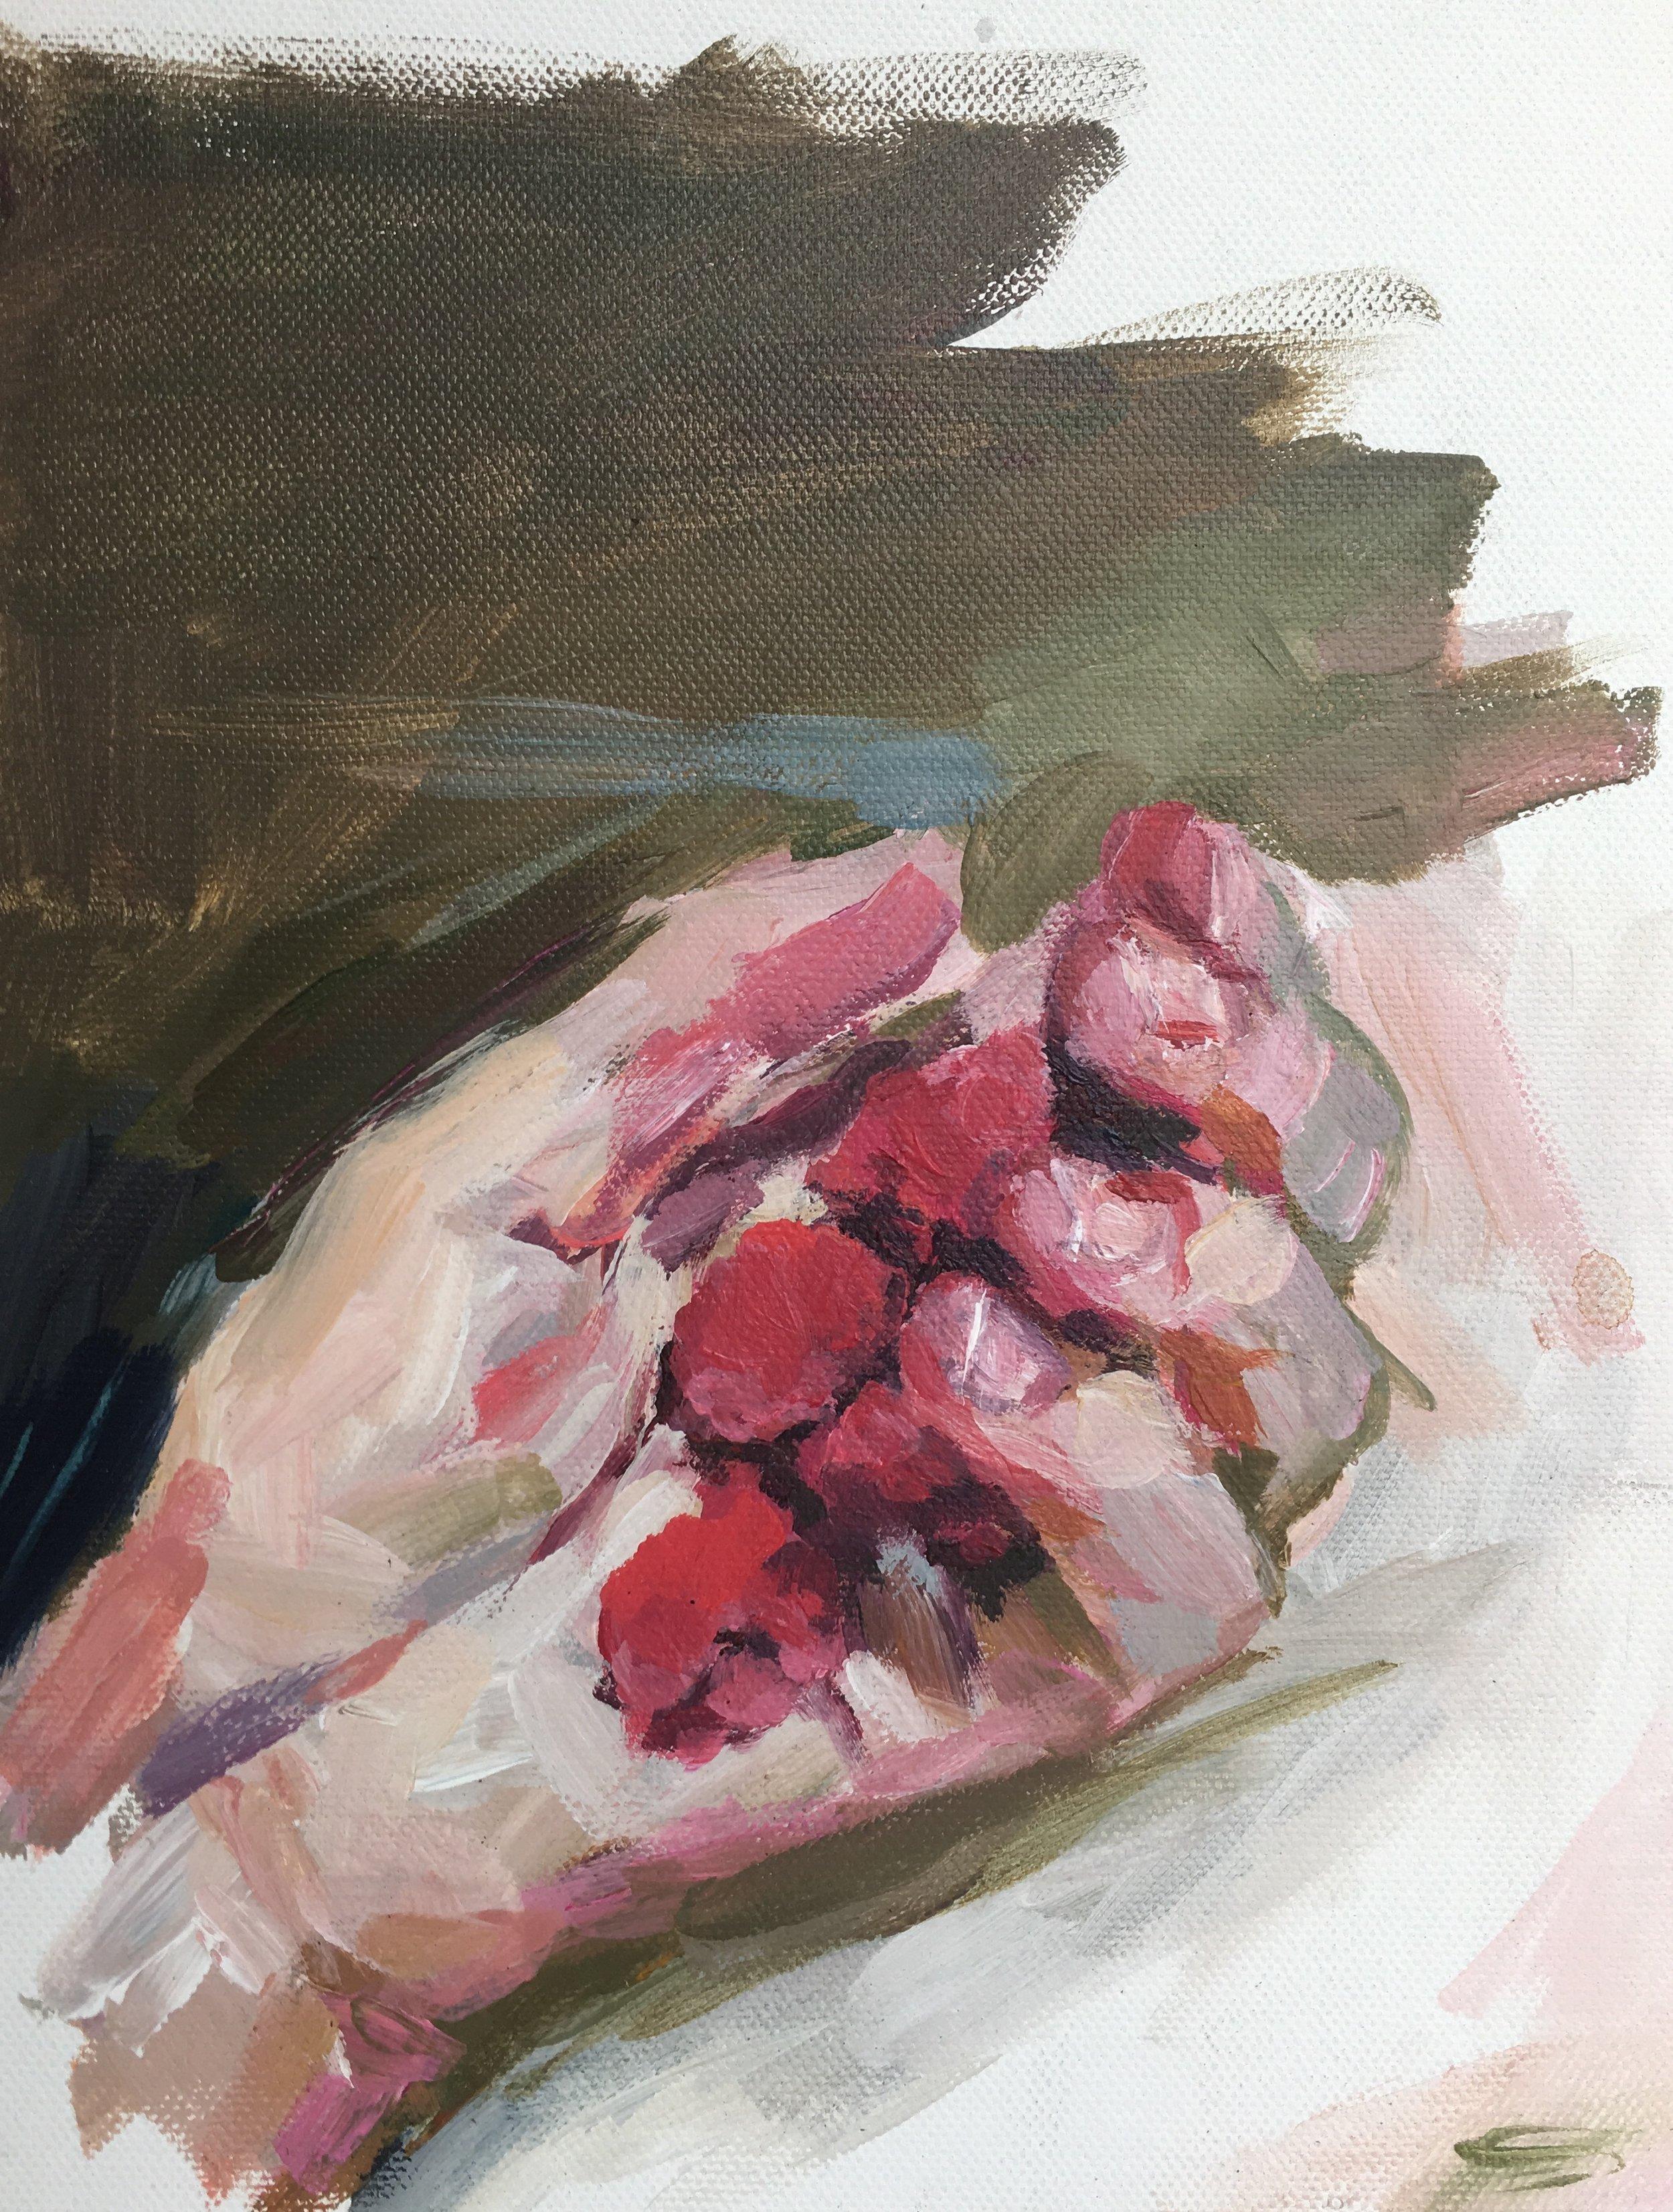 Raspberries Painting.jpg